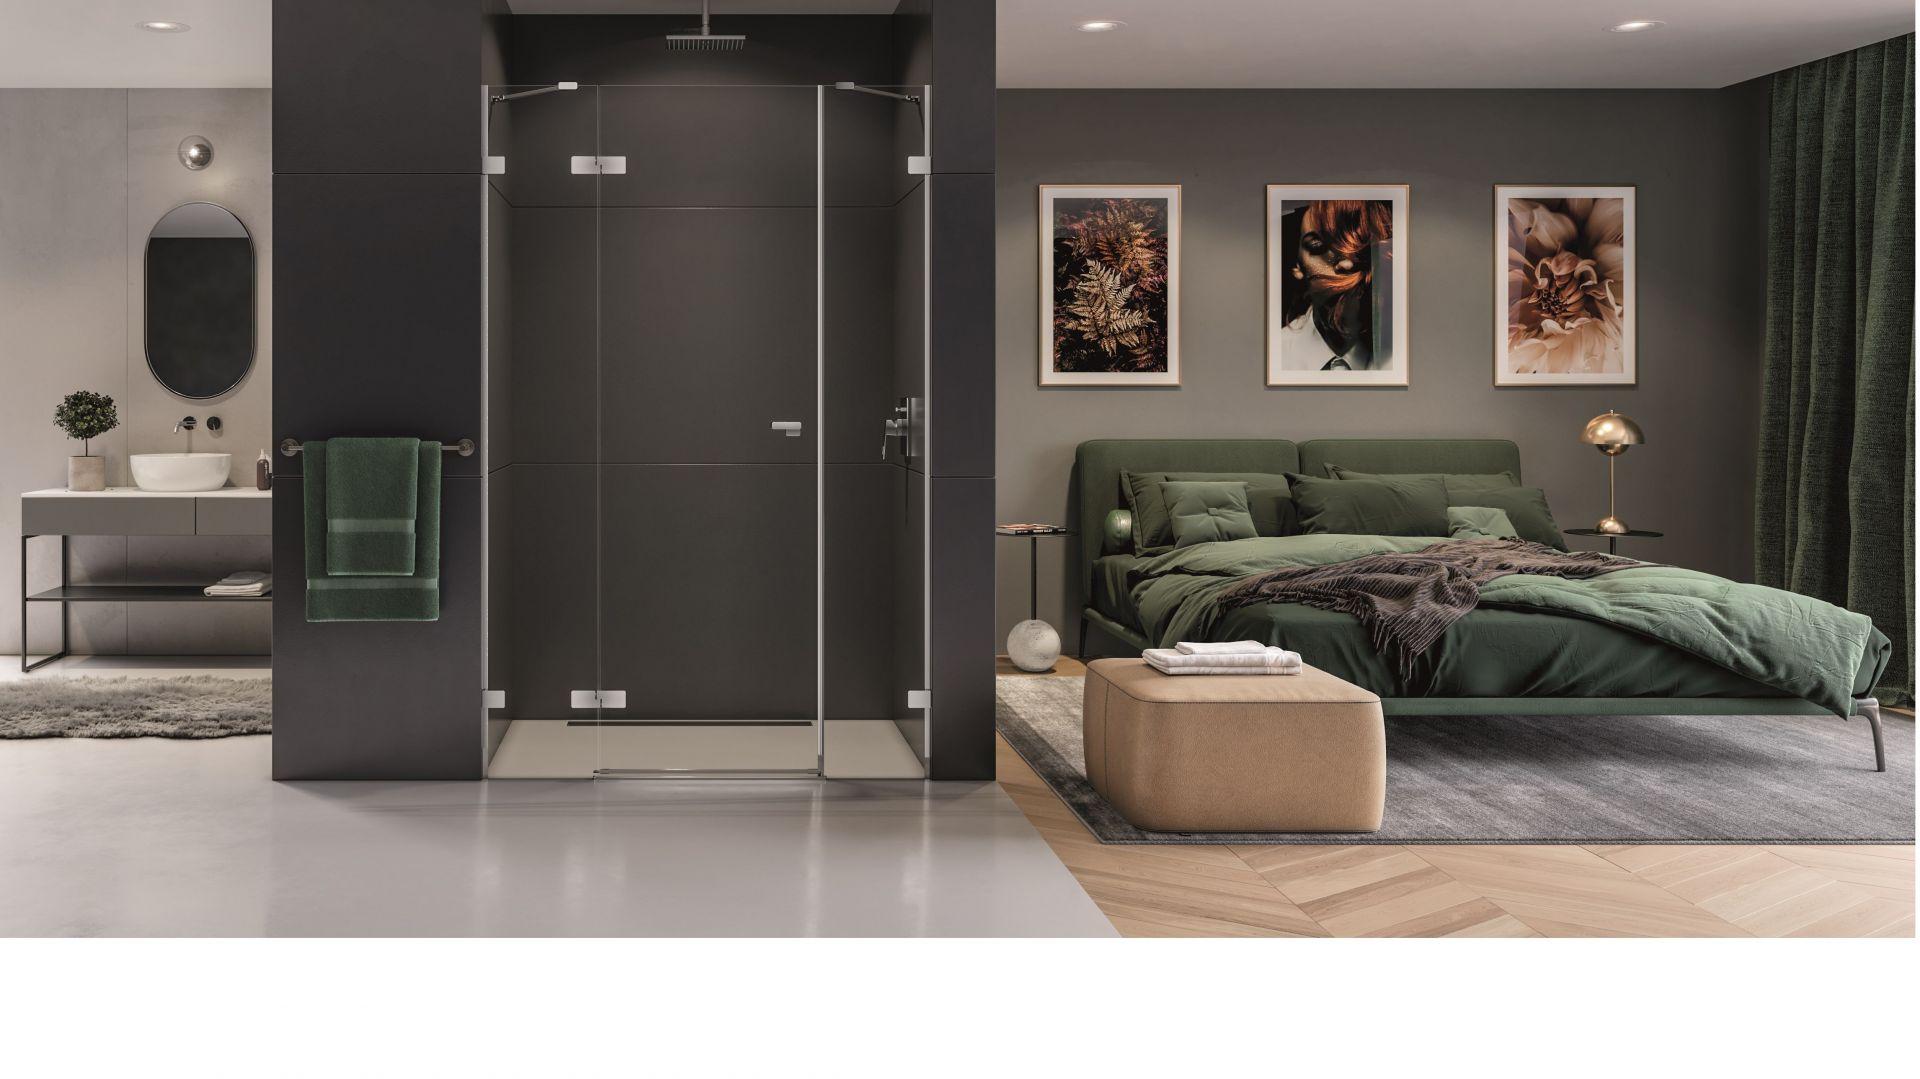 Minimalistyczna kabina prysznicowa z serii Eventa  ze szkła 8 mm z powłoką Active Shield, zawiasy zlicowane z taflą szkła. Fot. New Trendy